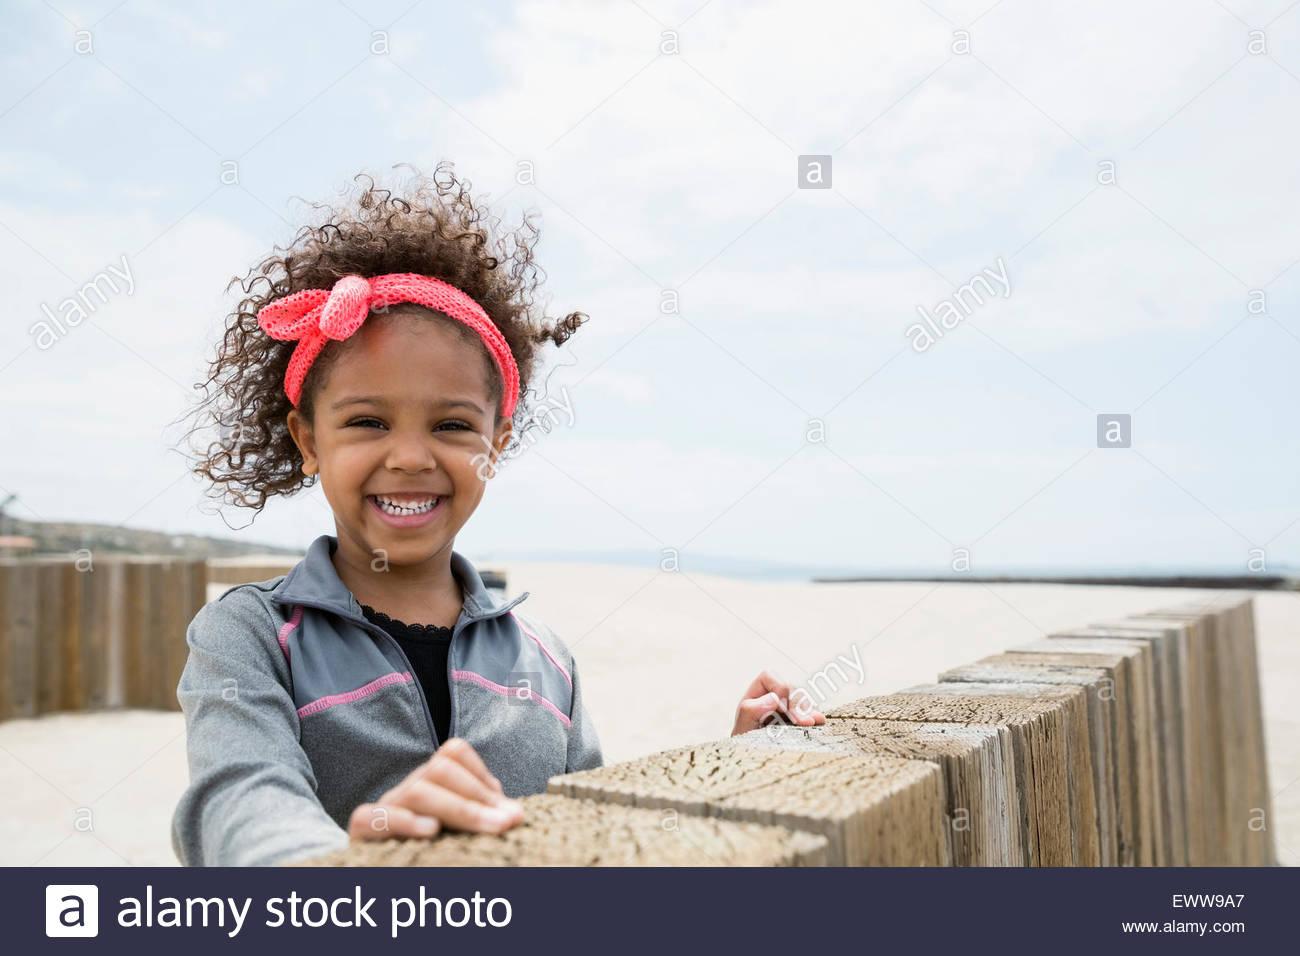 Retrato sonriente Chica pelo rizado en playa muro Imagen De Stock